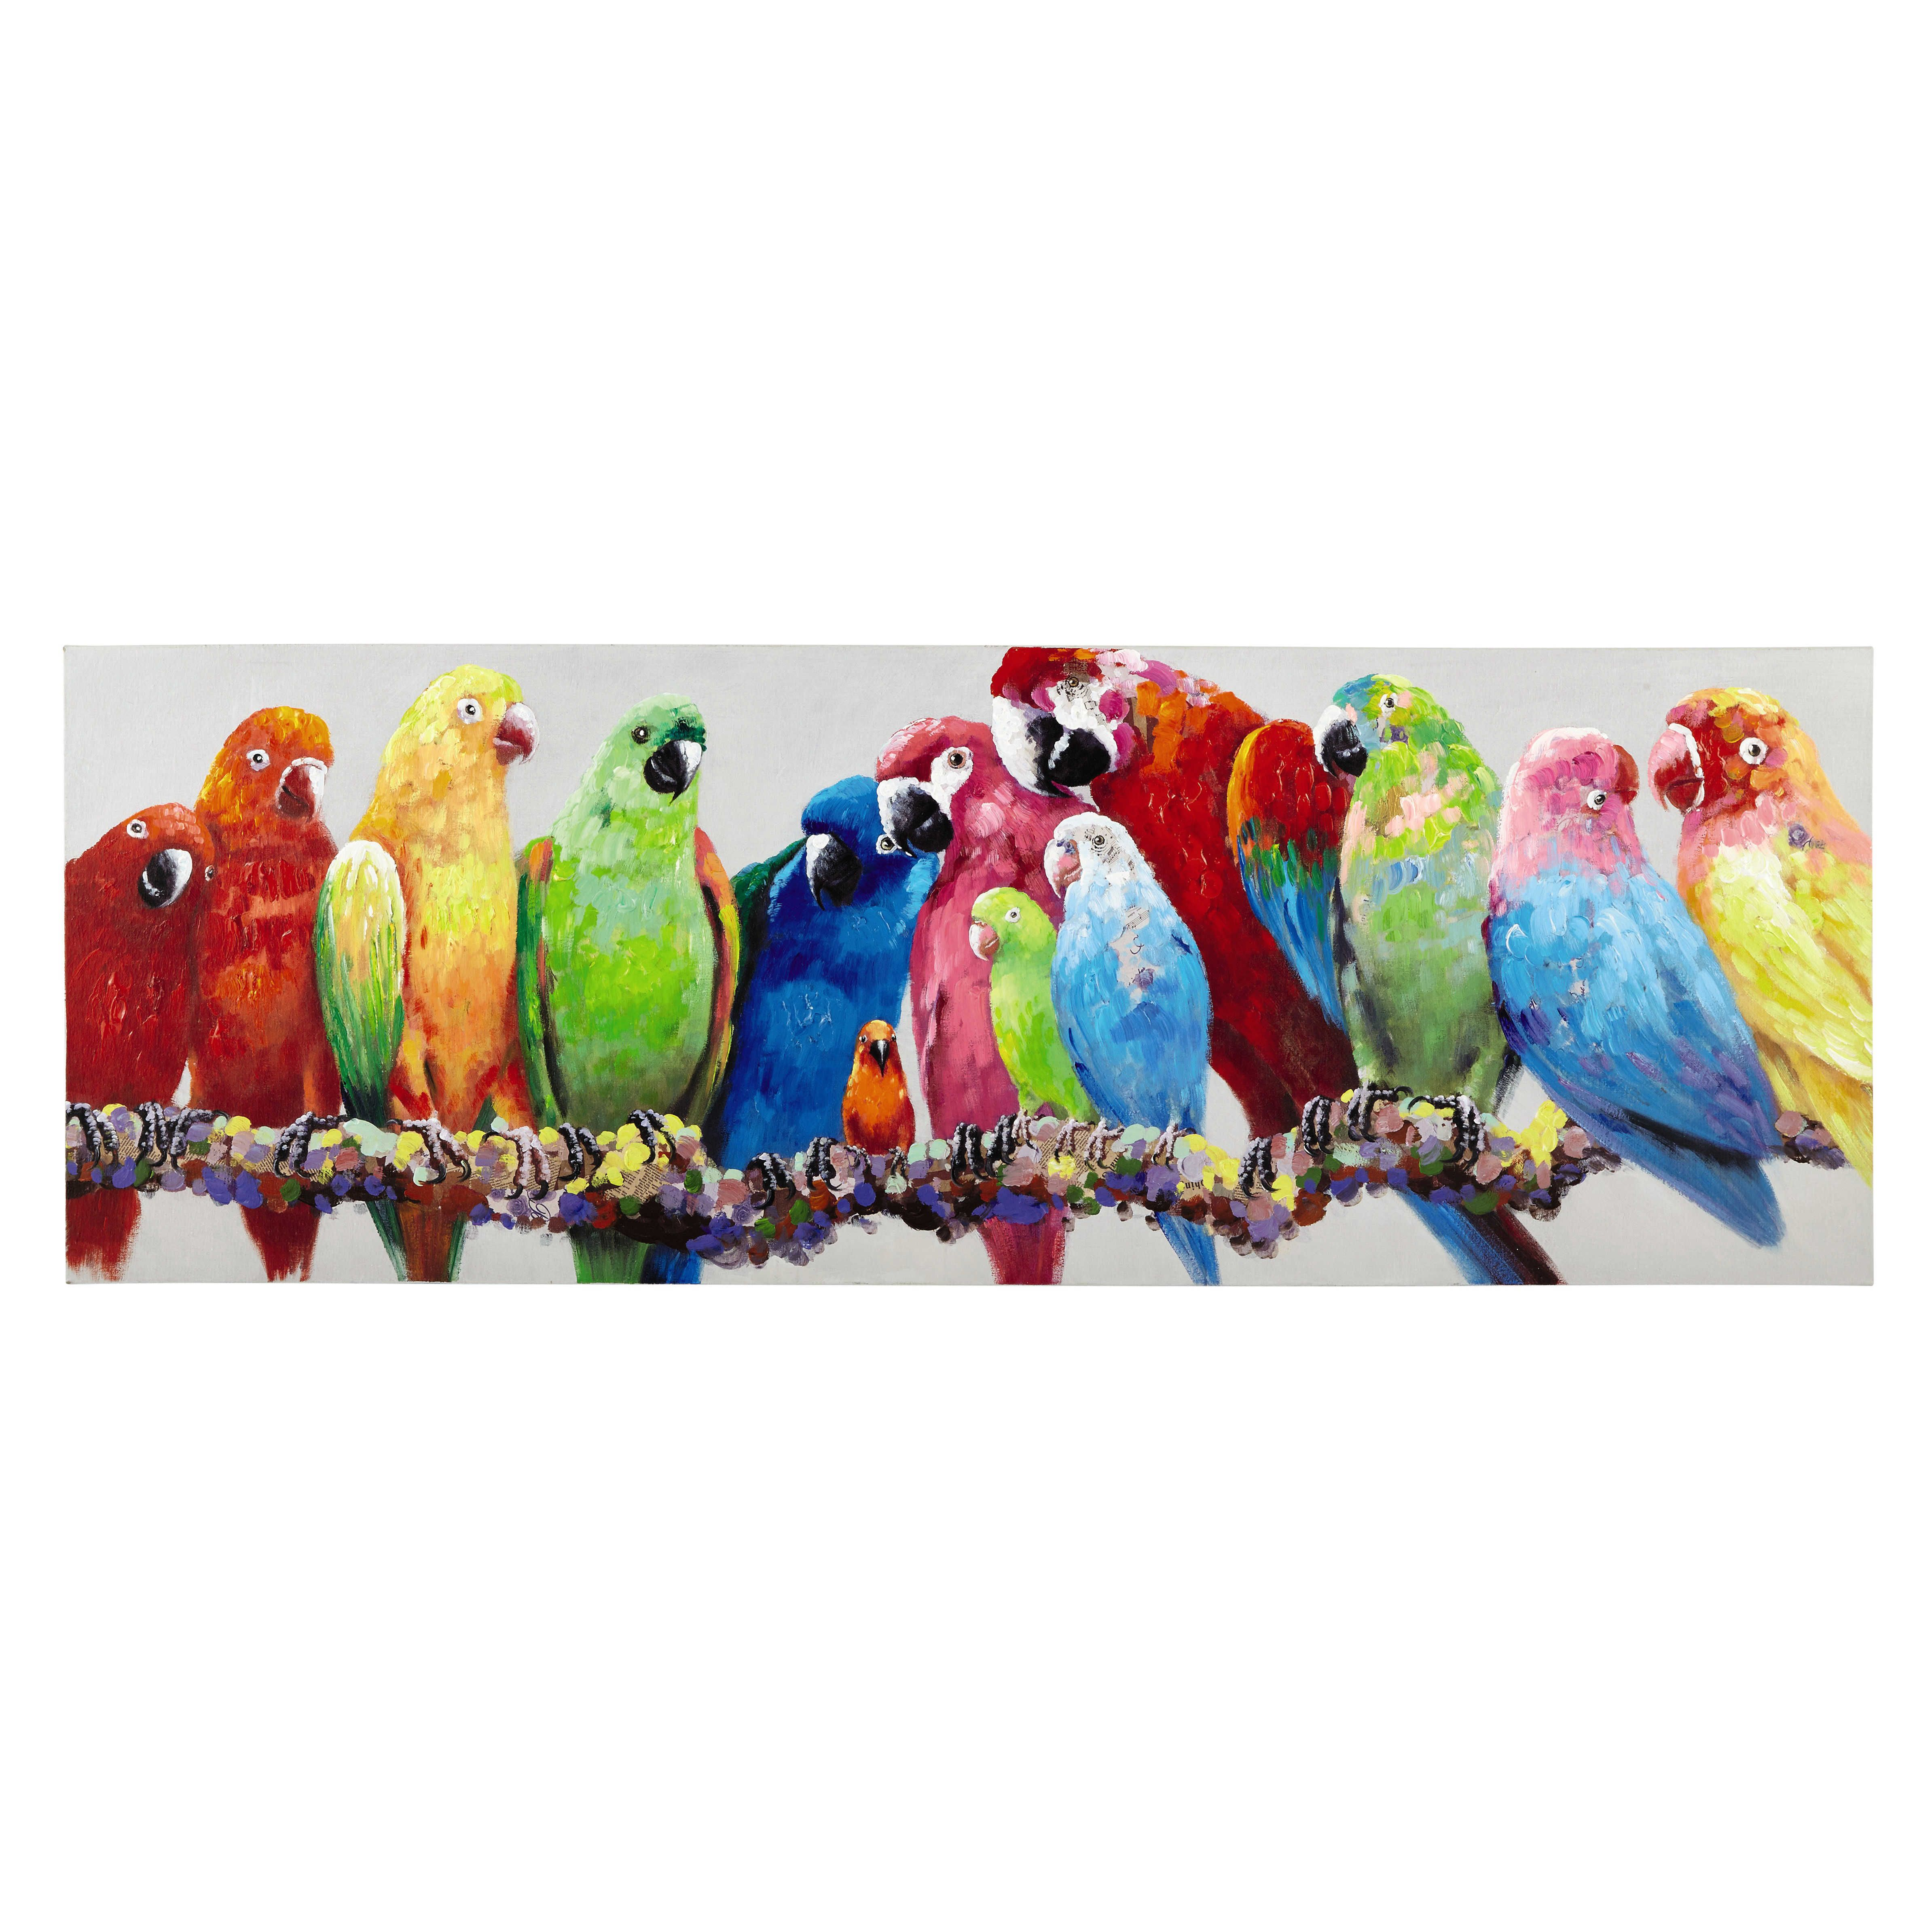 Toile perroquets multicolores 70 x 200 cm perroquets toiles et peinture - Toile maison du monde ...